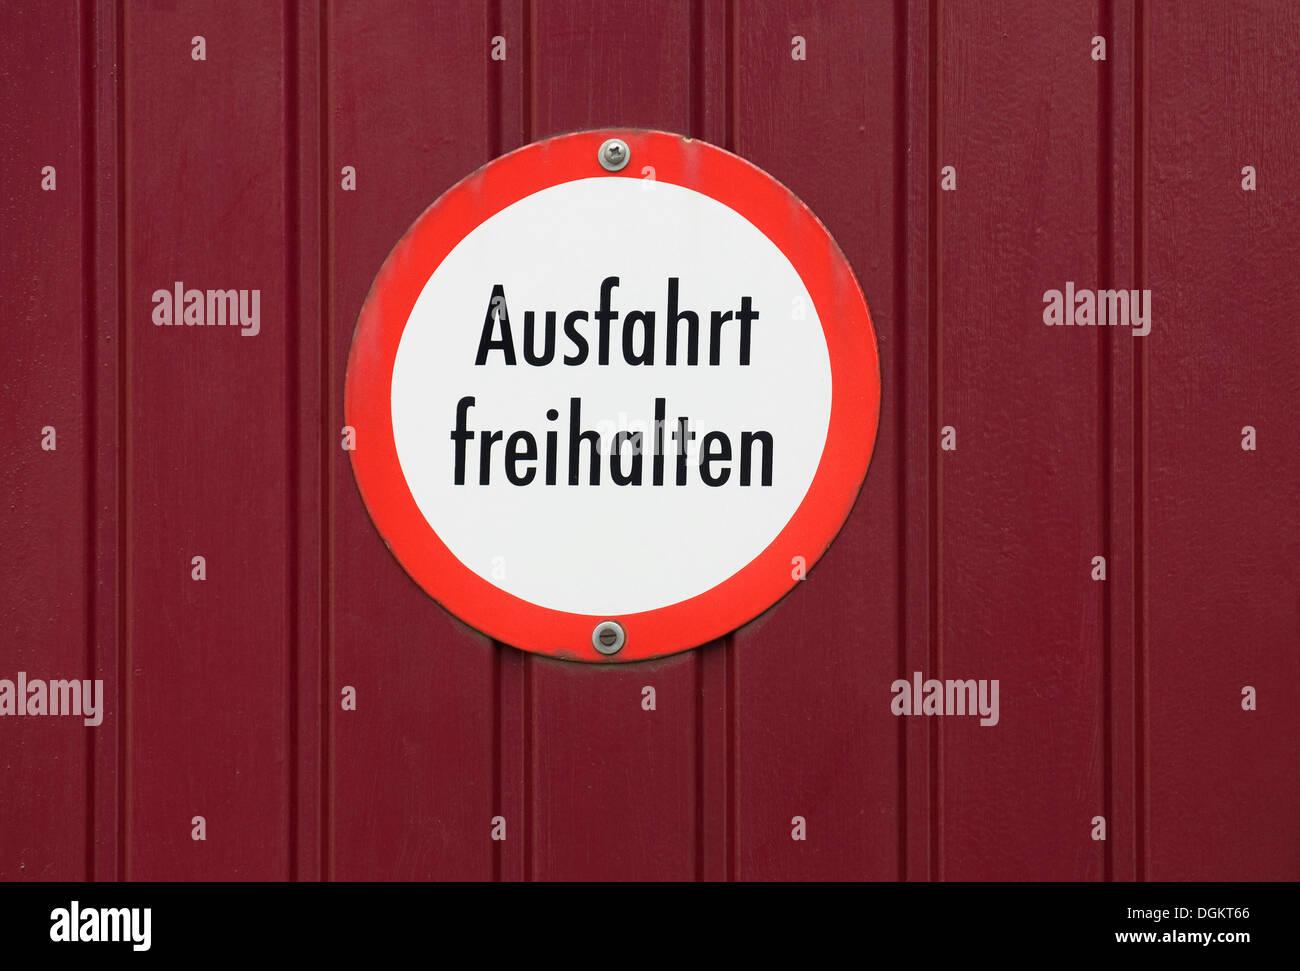 Signe, Ausfahrt freihalten, Allemand pour rester à l'écart Photo Stock